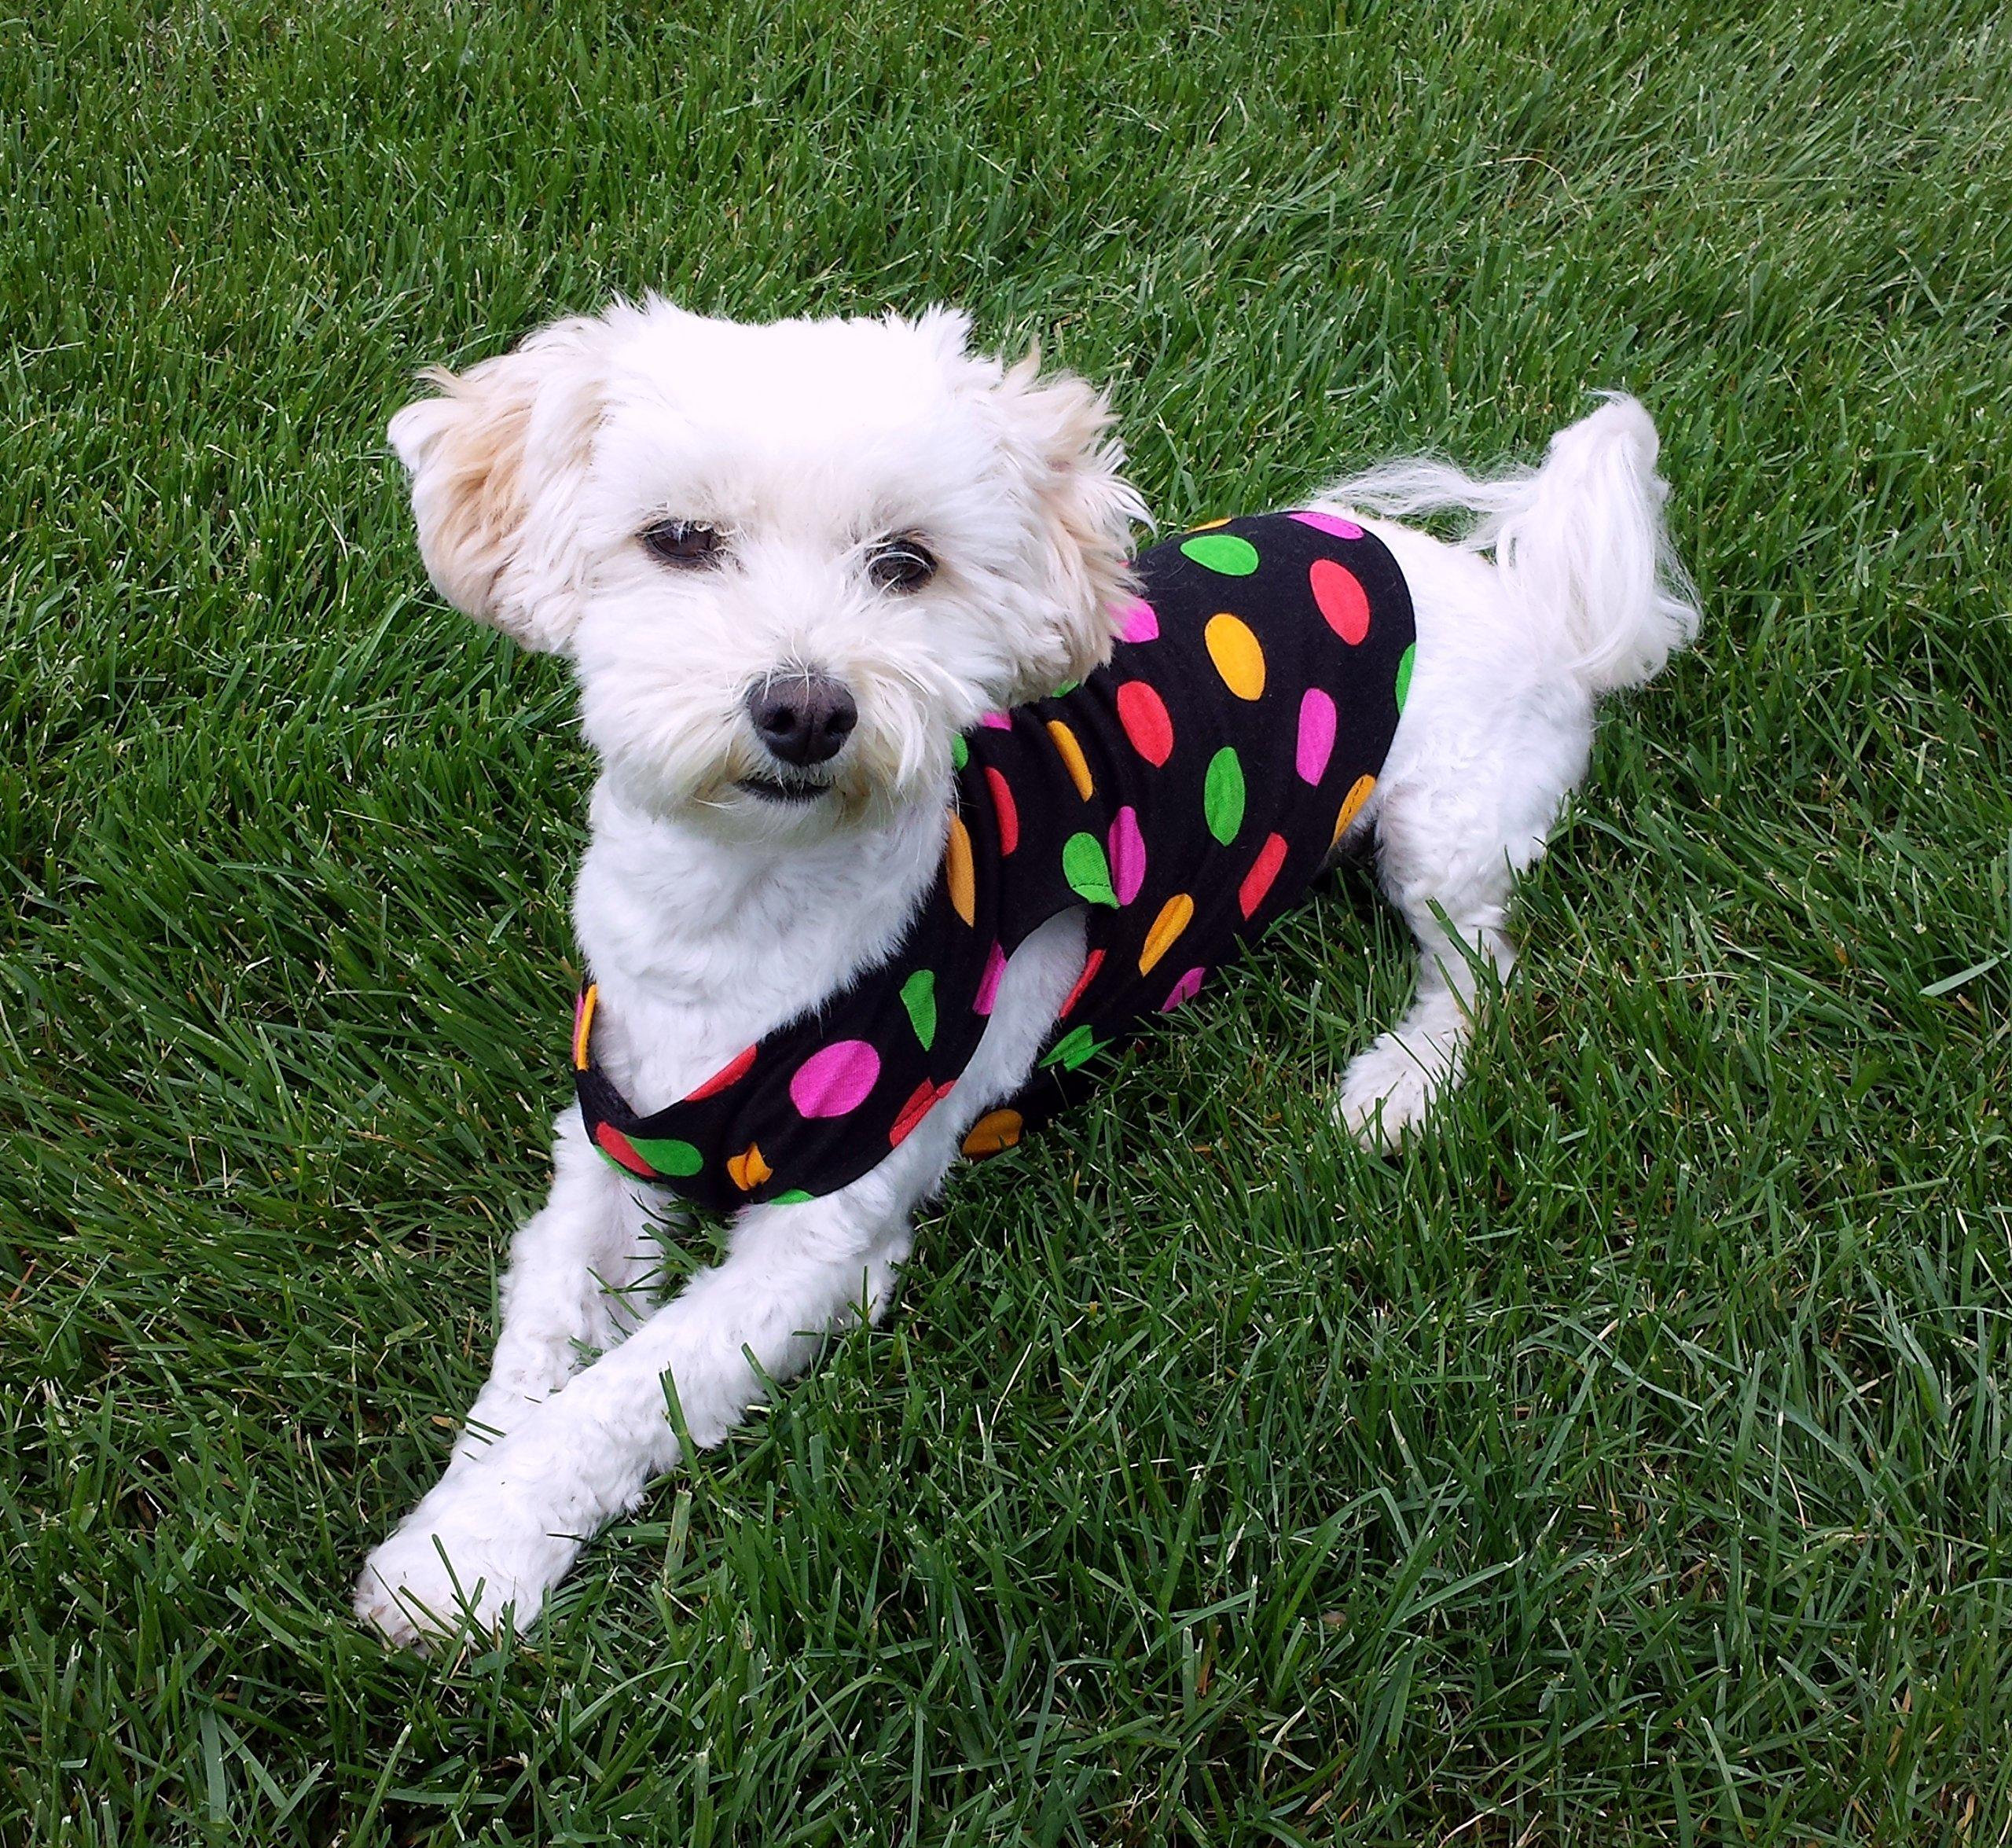 Polka dot dog shirt, available sizes XXS - L